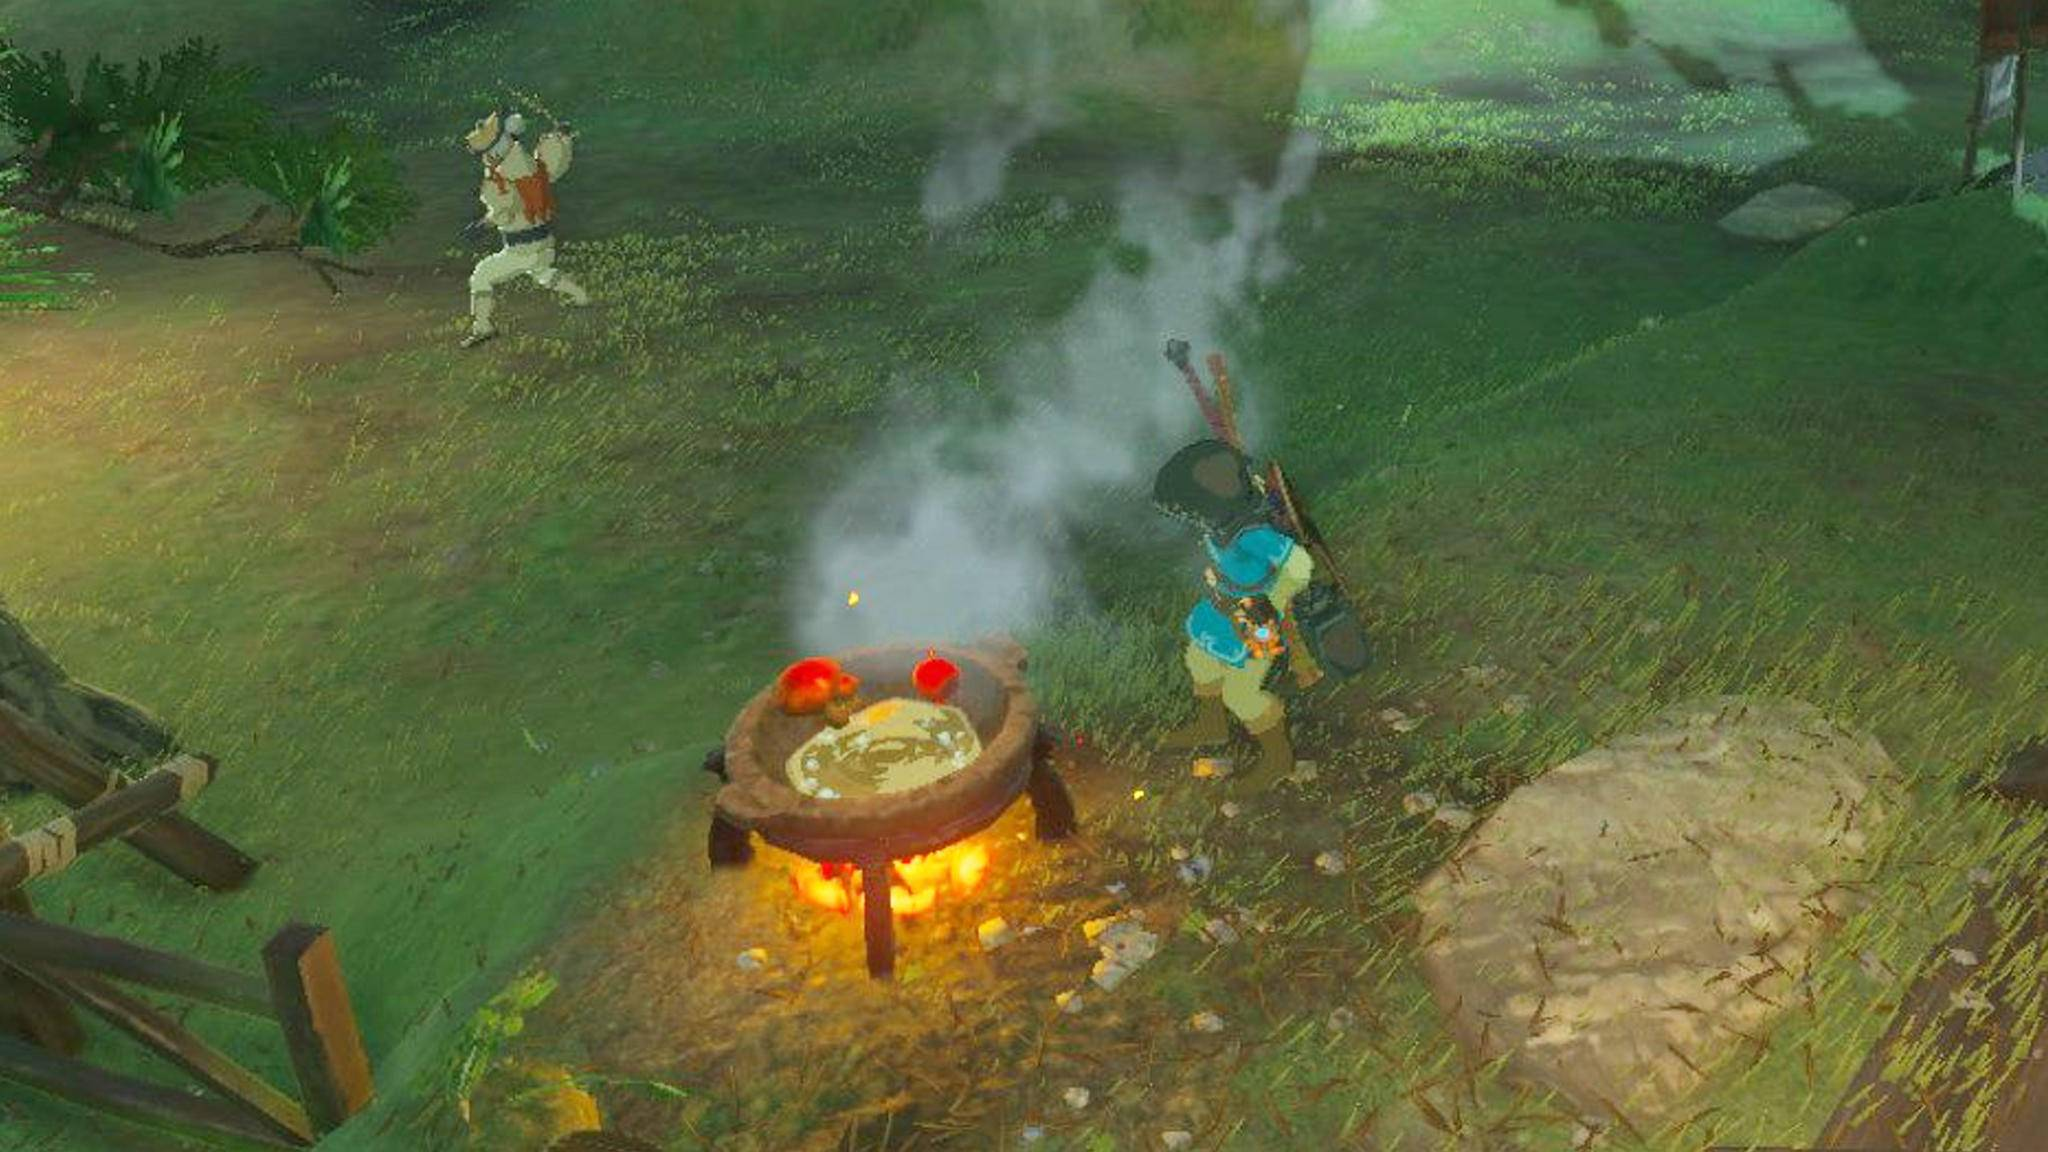 """Damit Link in """"The Legend of Zelda: Breath of the Wild"""" in der Wildnis überlebt, sollte er ein paar gute Kochrezepte auf Lager haben."""